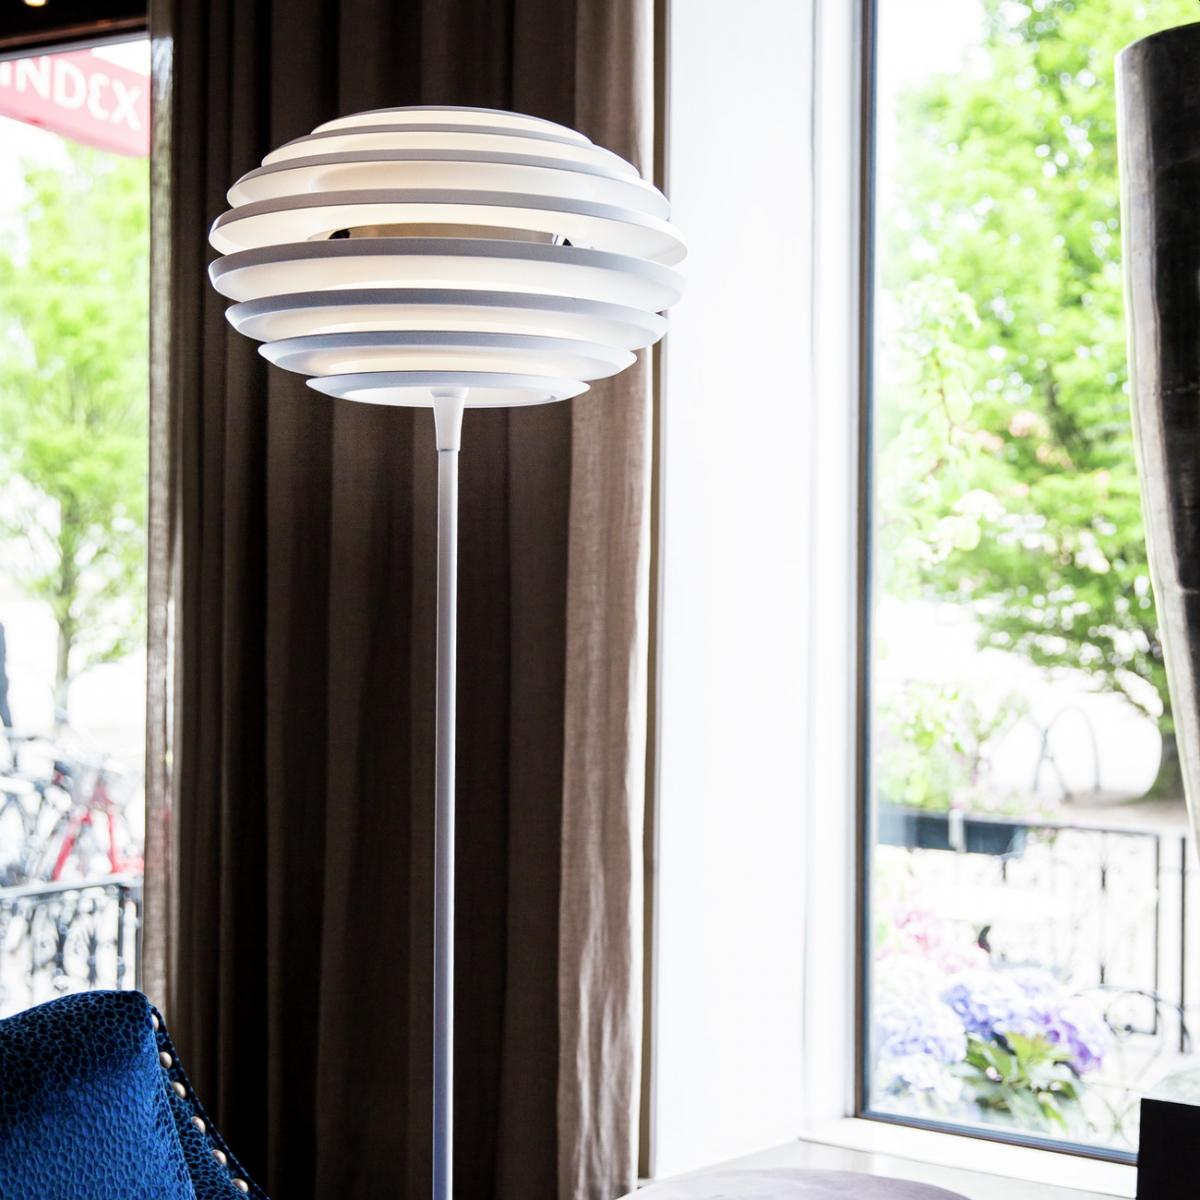 Full Size of Weie Stehlampe Modern Wohnzimmer Tapete Küche Moderne Esstische Modernes Bett Deckenlampen Esstisch Duschen Bilder Schlafzimmer Weiss Holz Design 180x200 Wohnzimmer Stehlampe Modern